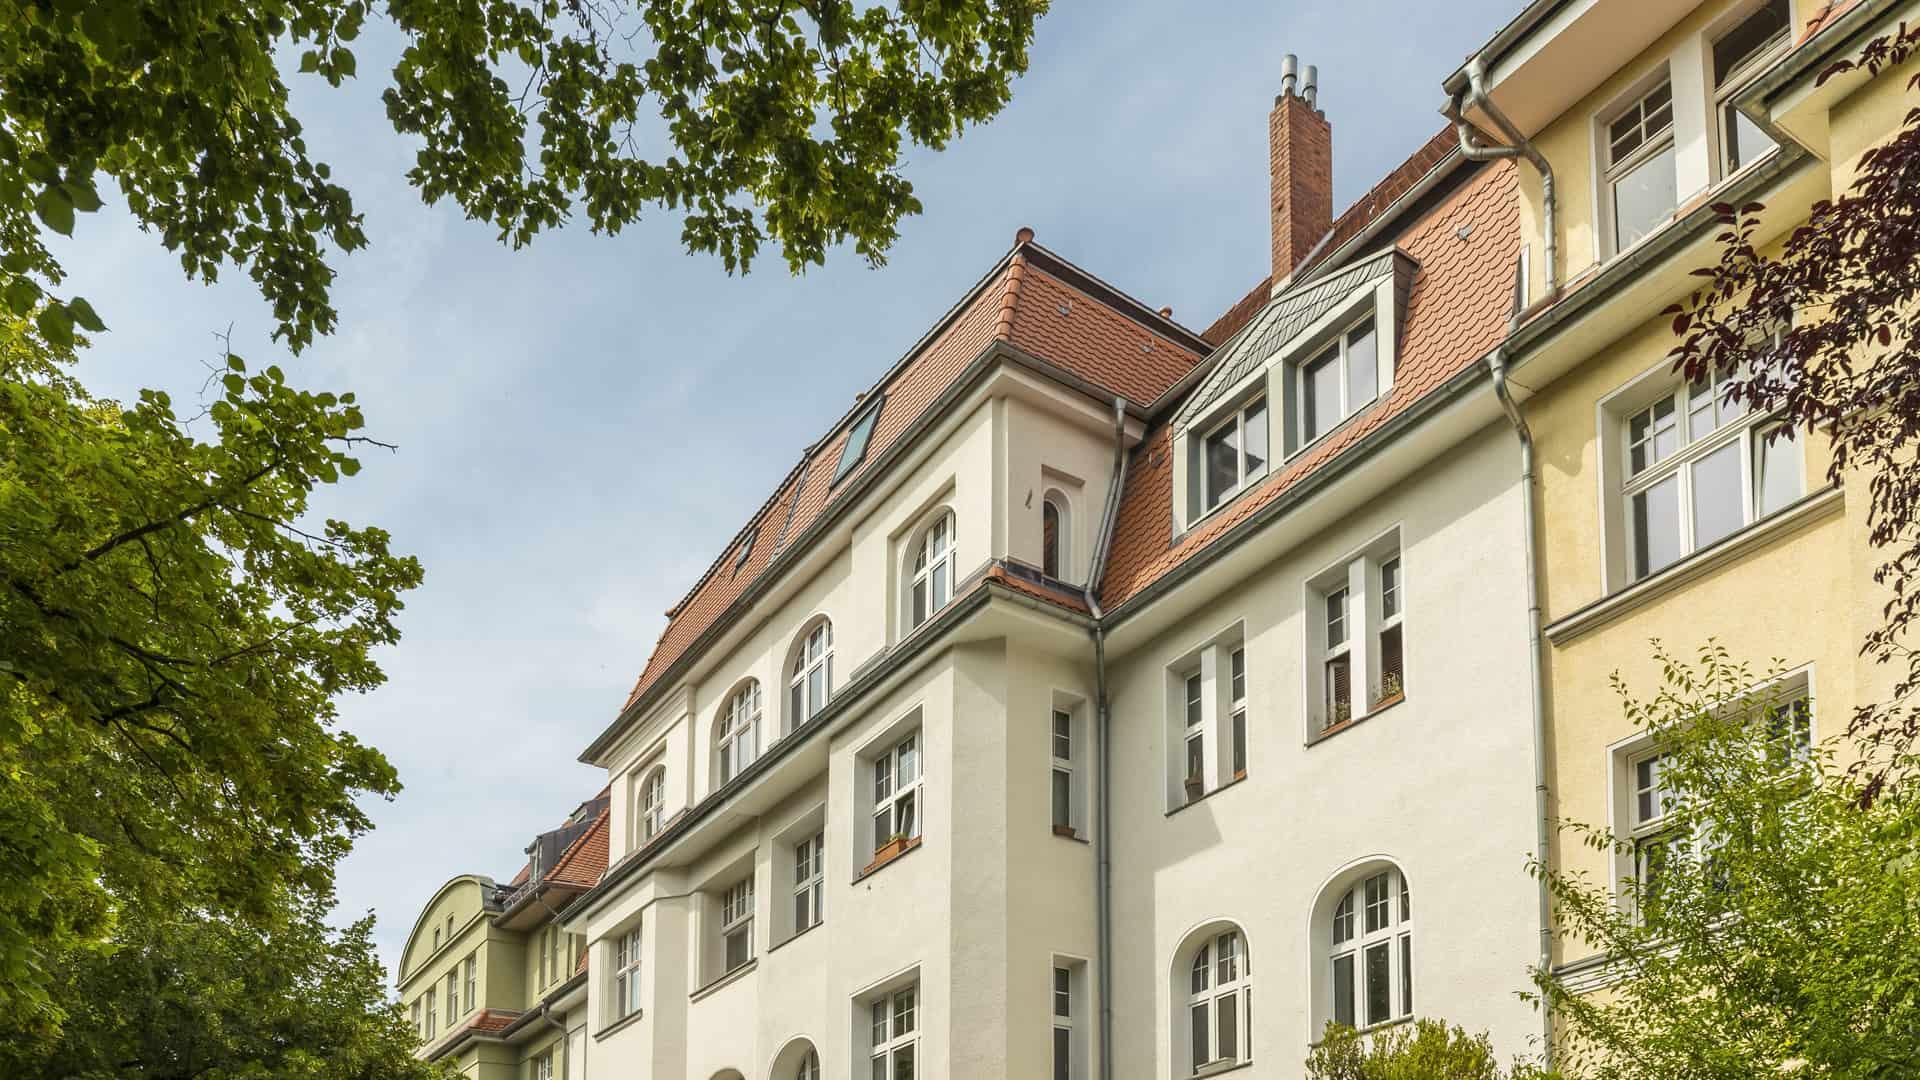 WOLFER Immobilien - Wolfer Service GmbH - Vermittlung, Beratung und Bewertung